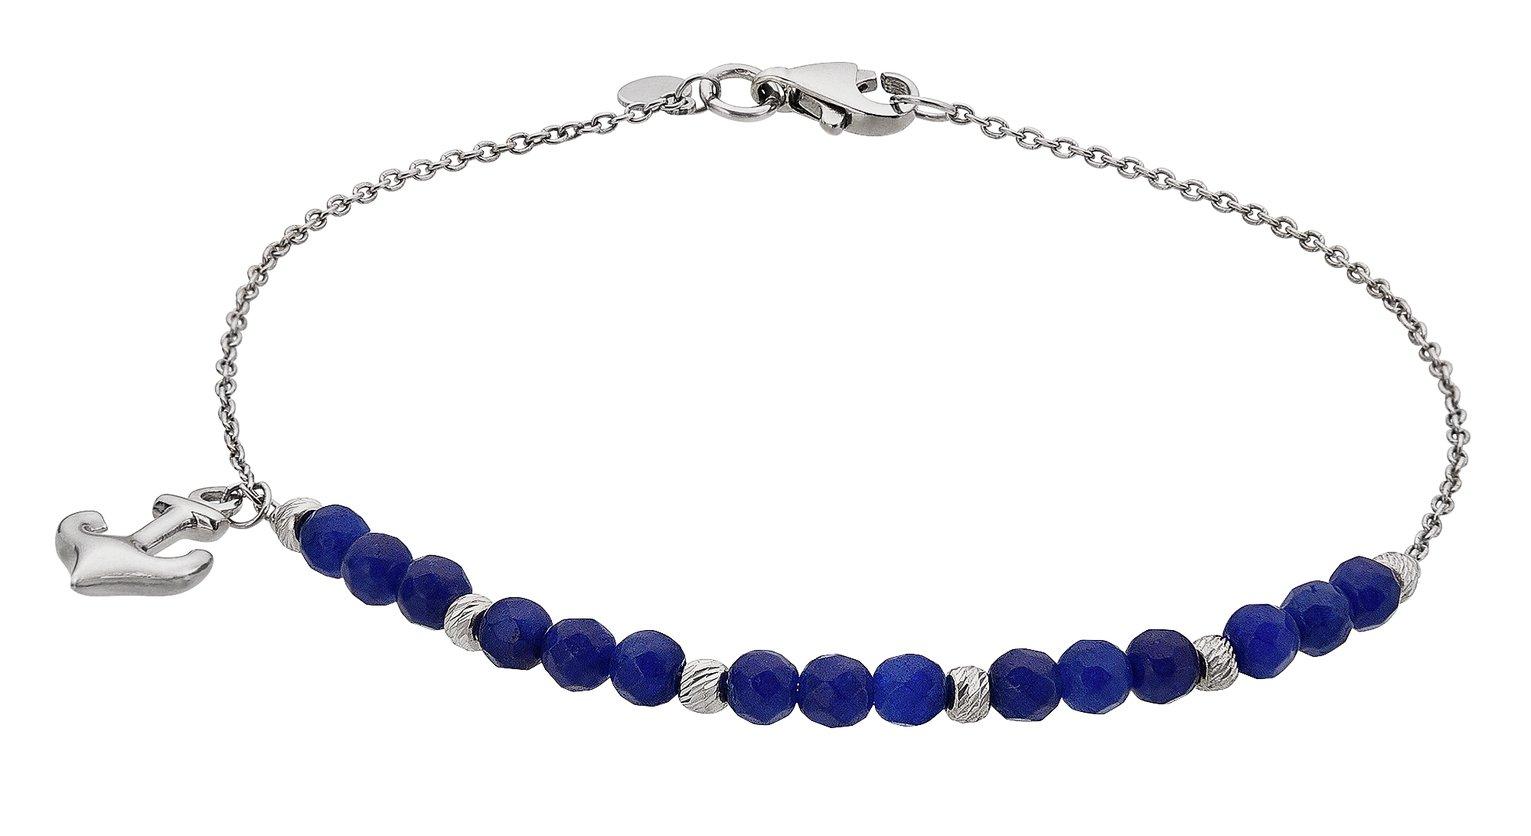 Revere Sterling Silver Blue Stone Anchor Charm Bracelet